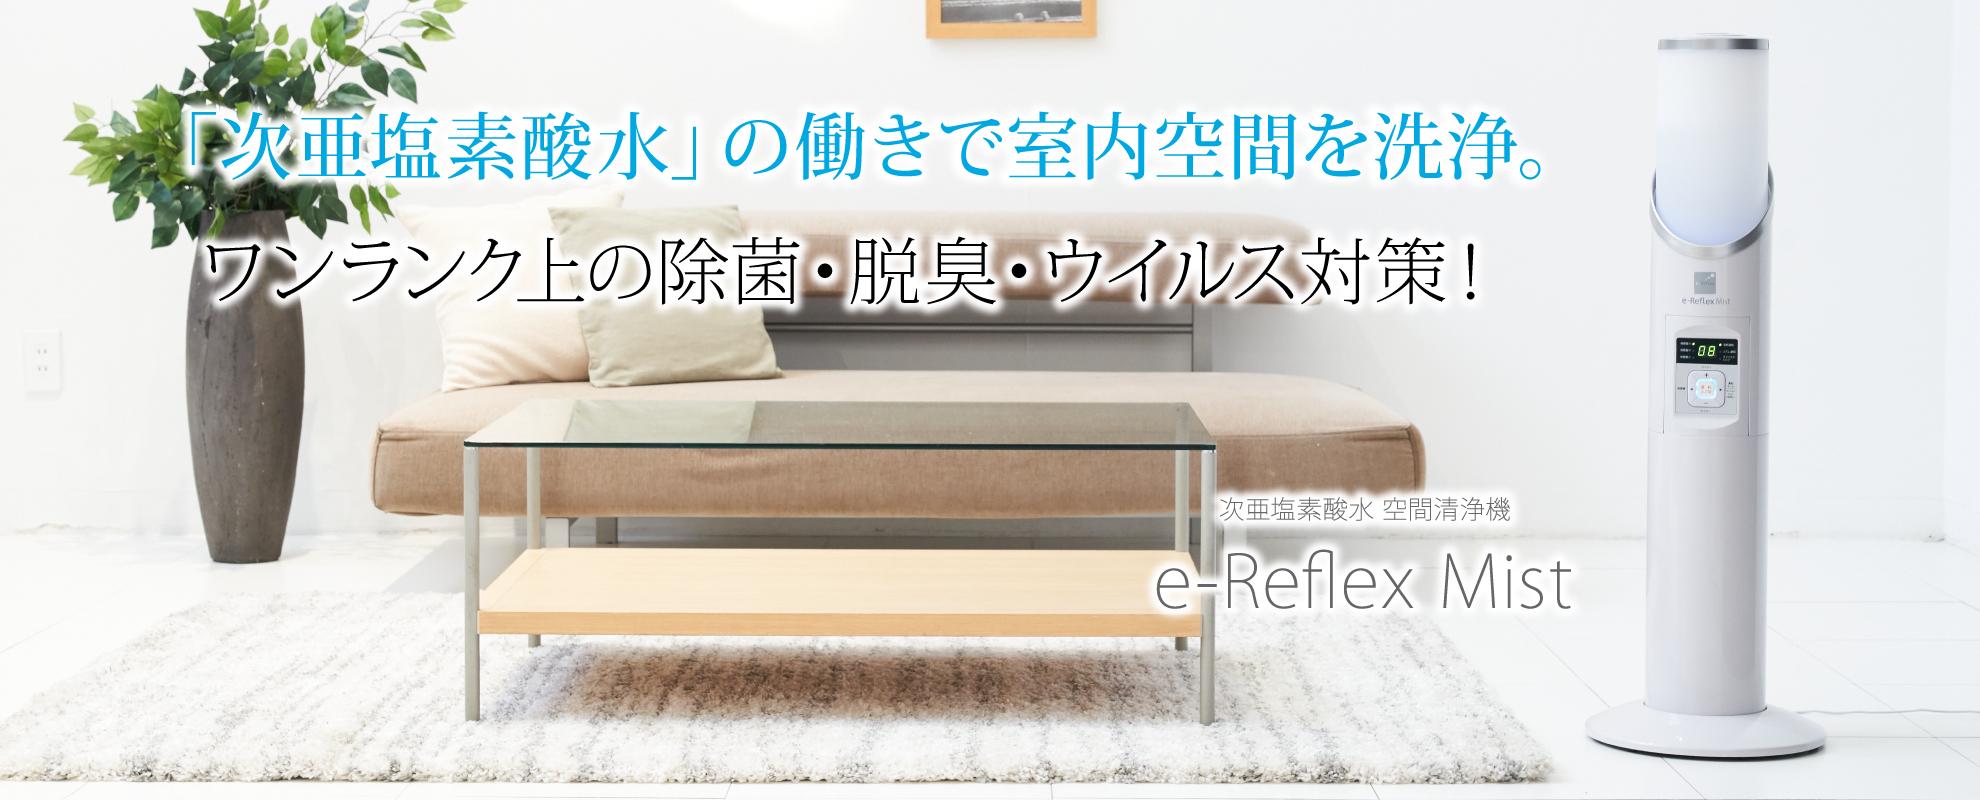 「次亜塩素酸水」の働きで室内空間を洗浄。 ワンランク上の除菌・脱臭・ウイルス対策!